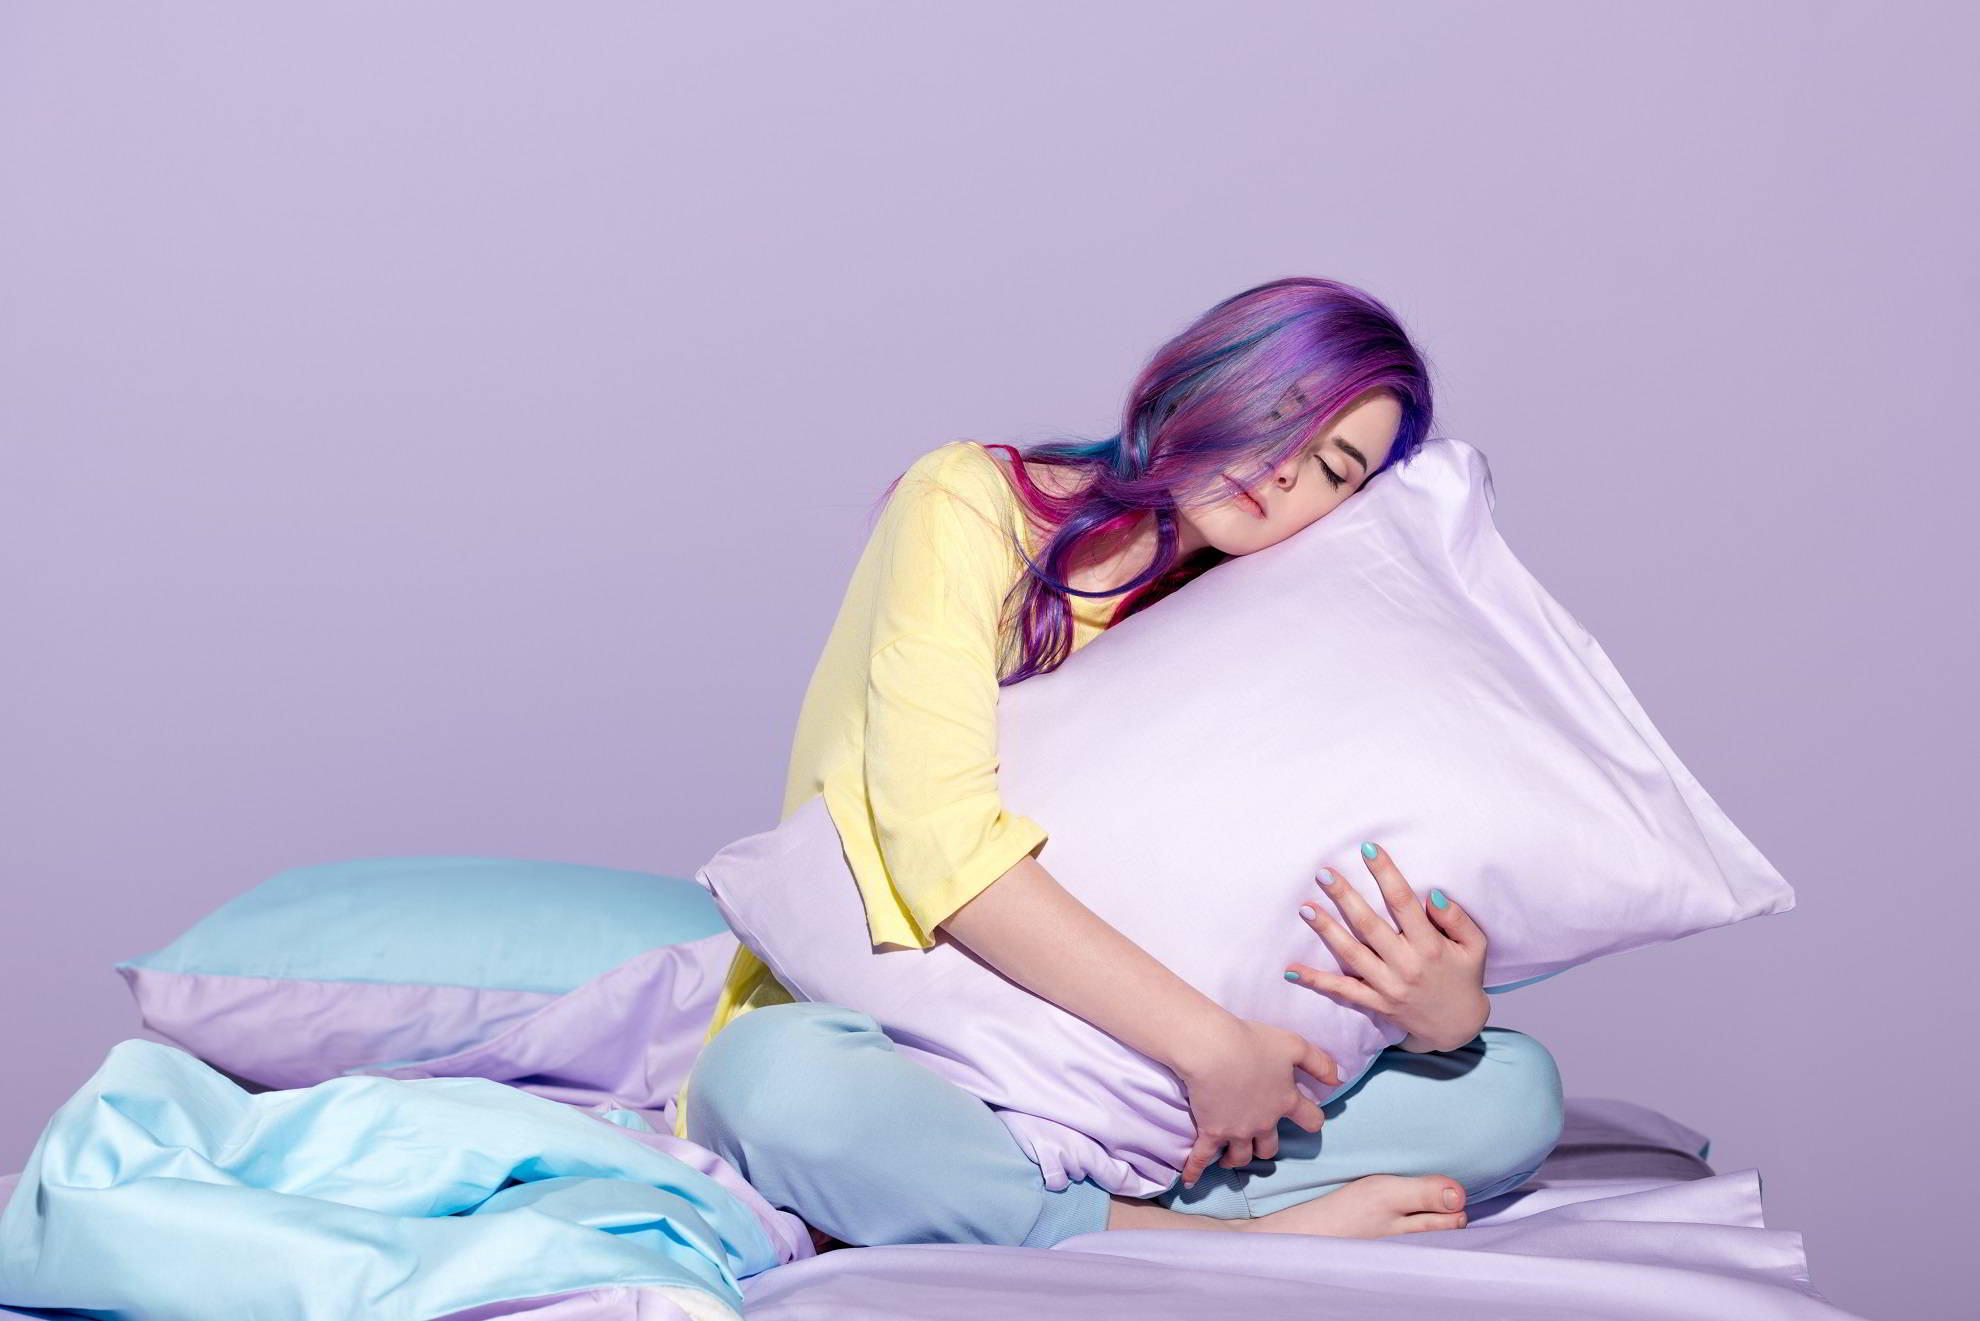 joven sentada en la cama y abrazando una almohada